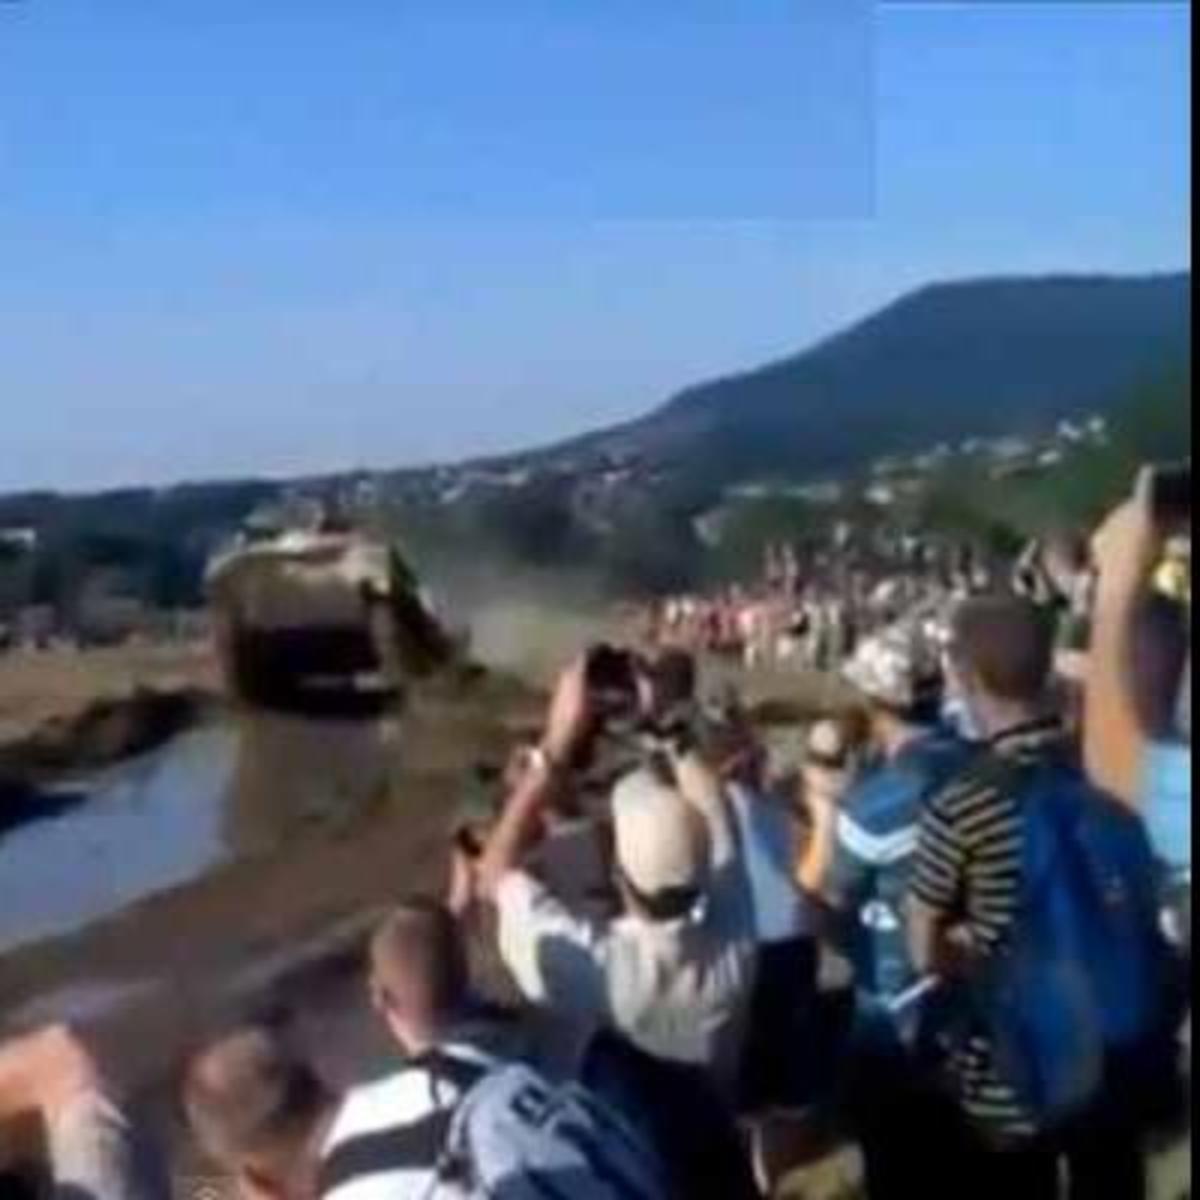 ΔΕΙΤΕ προσεκτικά τι θα συμβεί στο πλήθος που παρακολουθεί το τανκ!   Newsit.gr